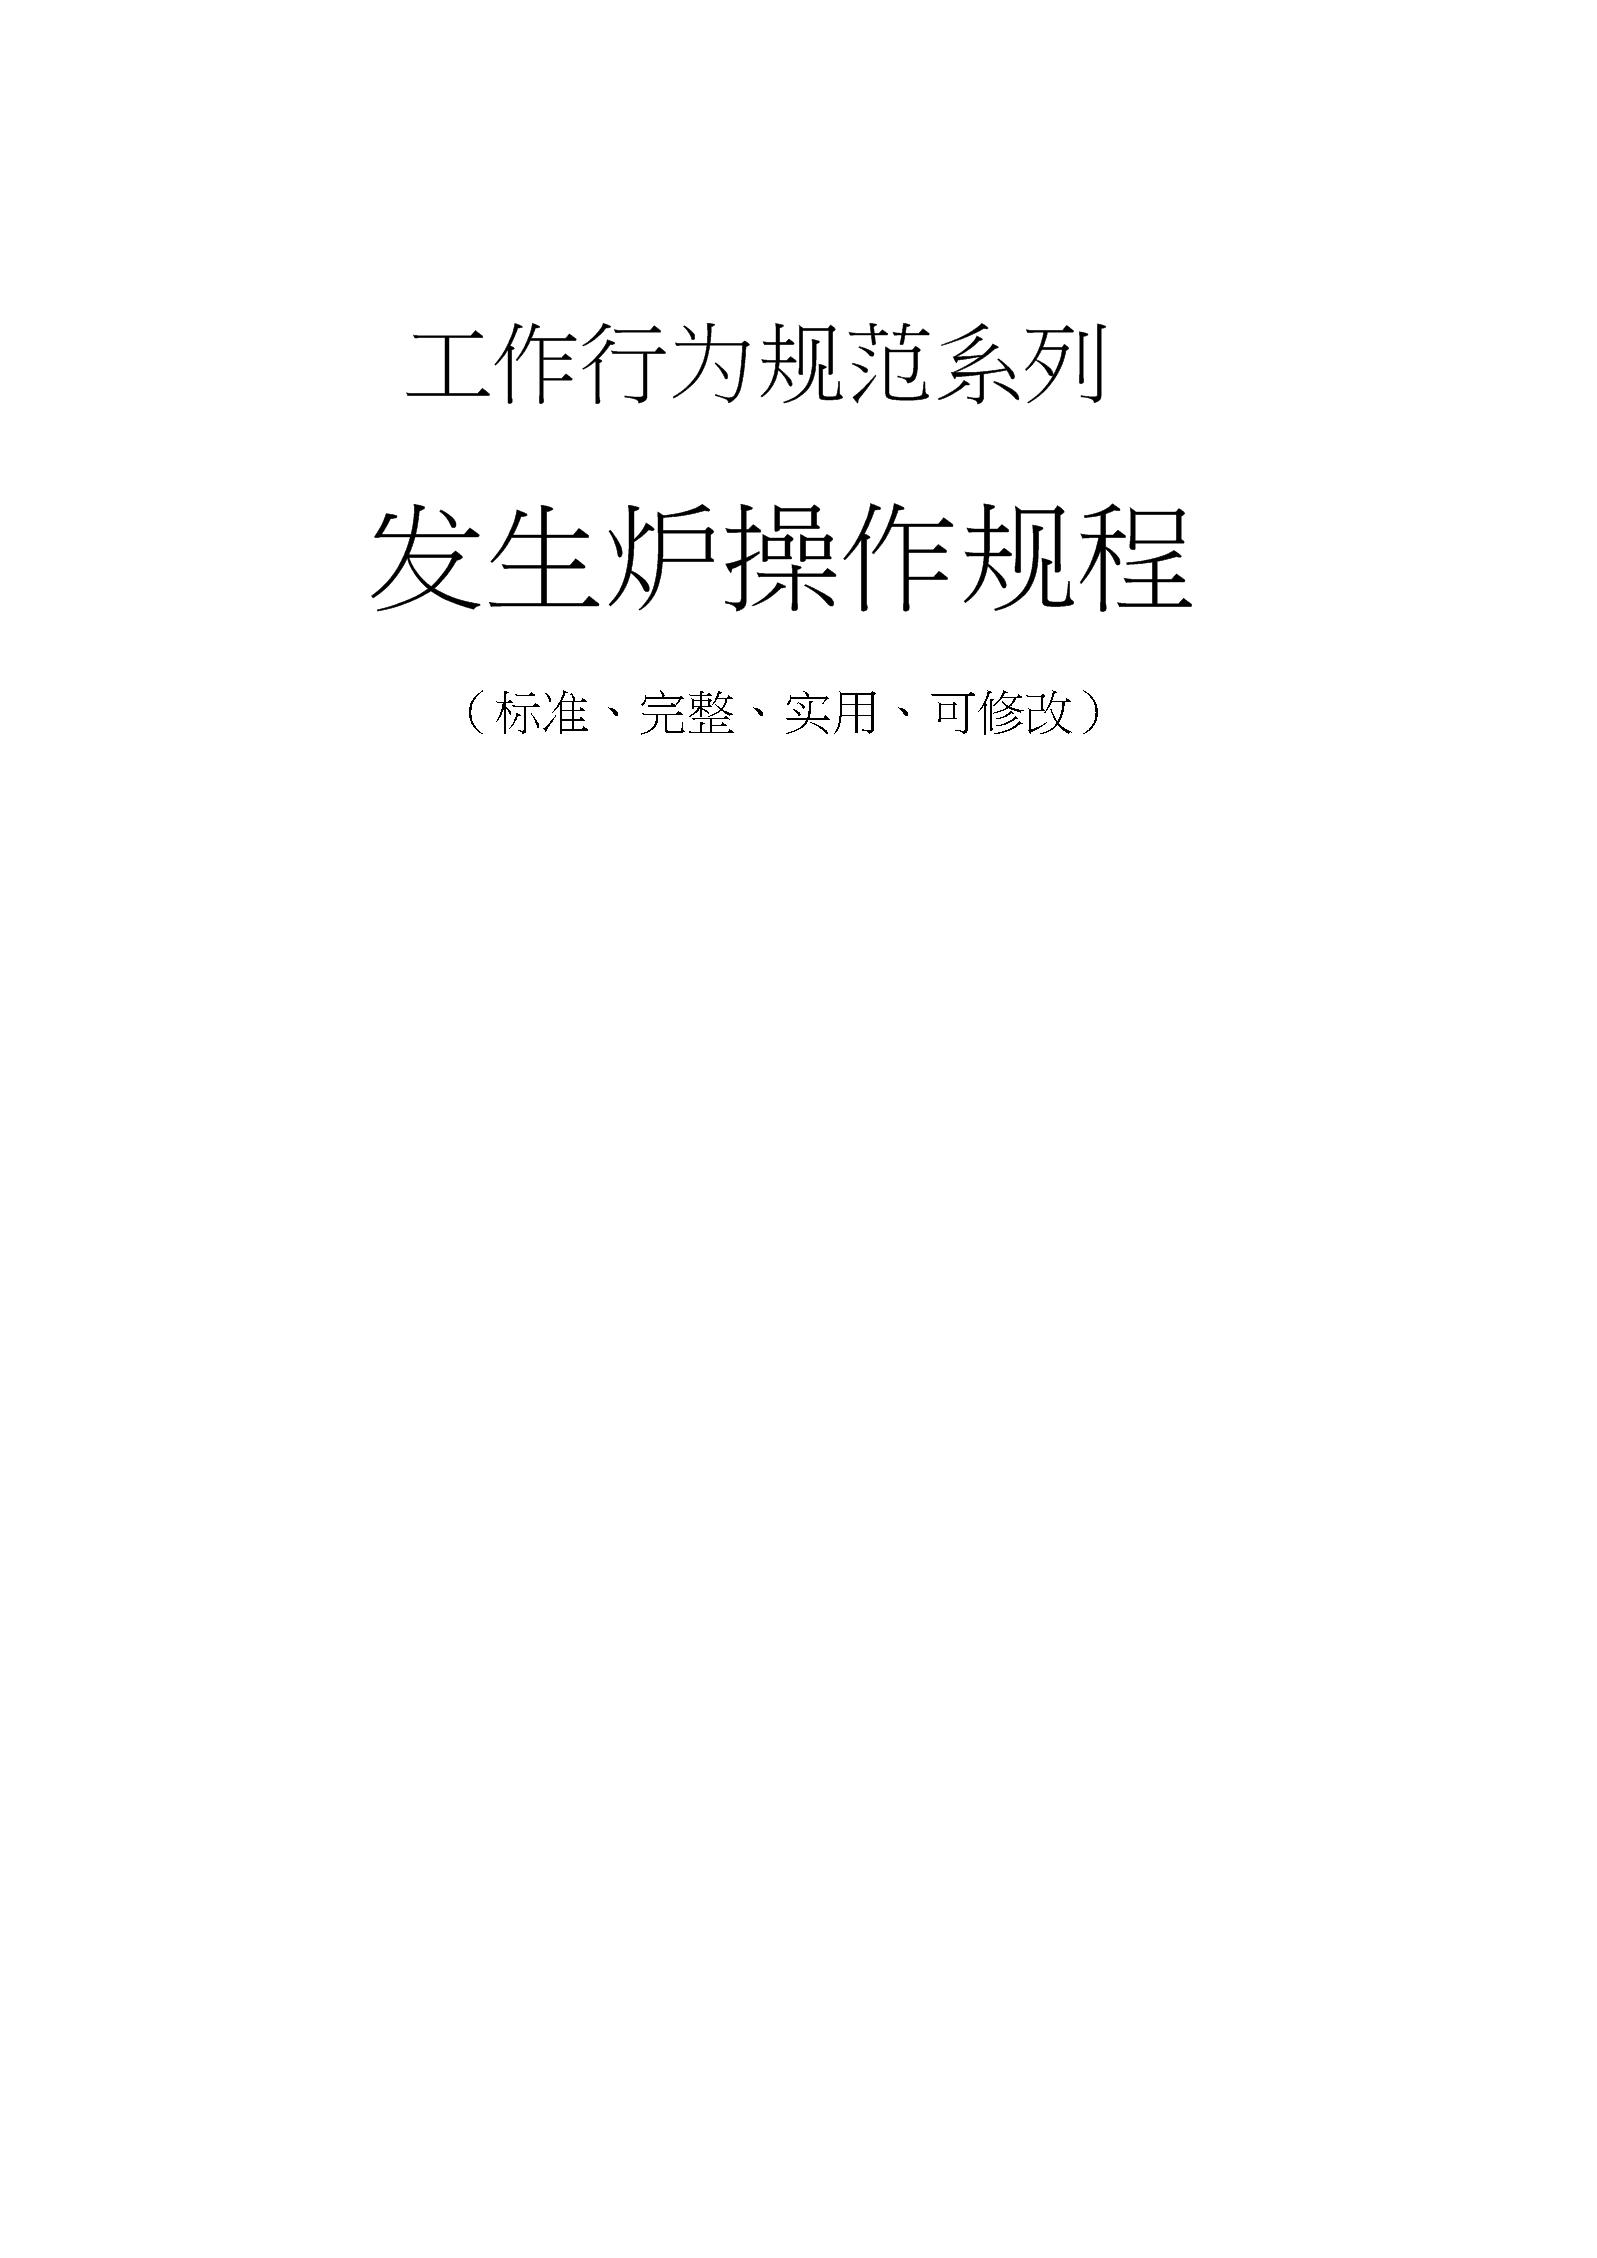 发生炉操作规程模板.docx